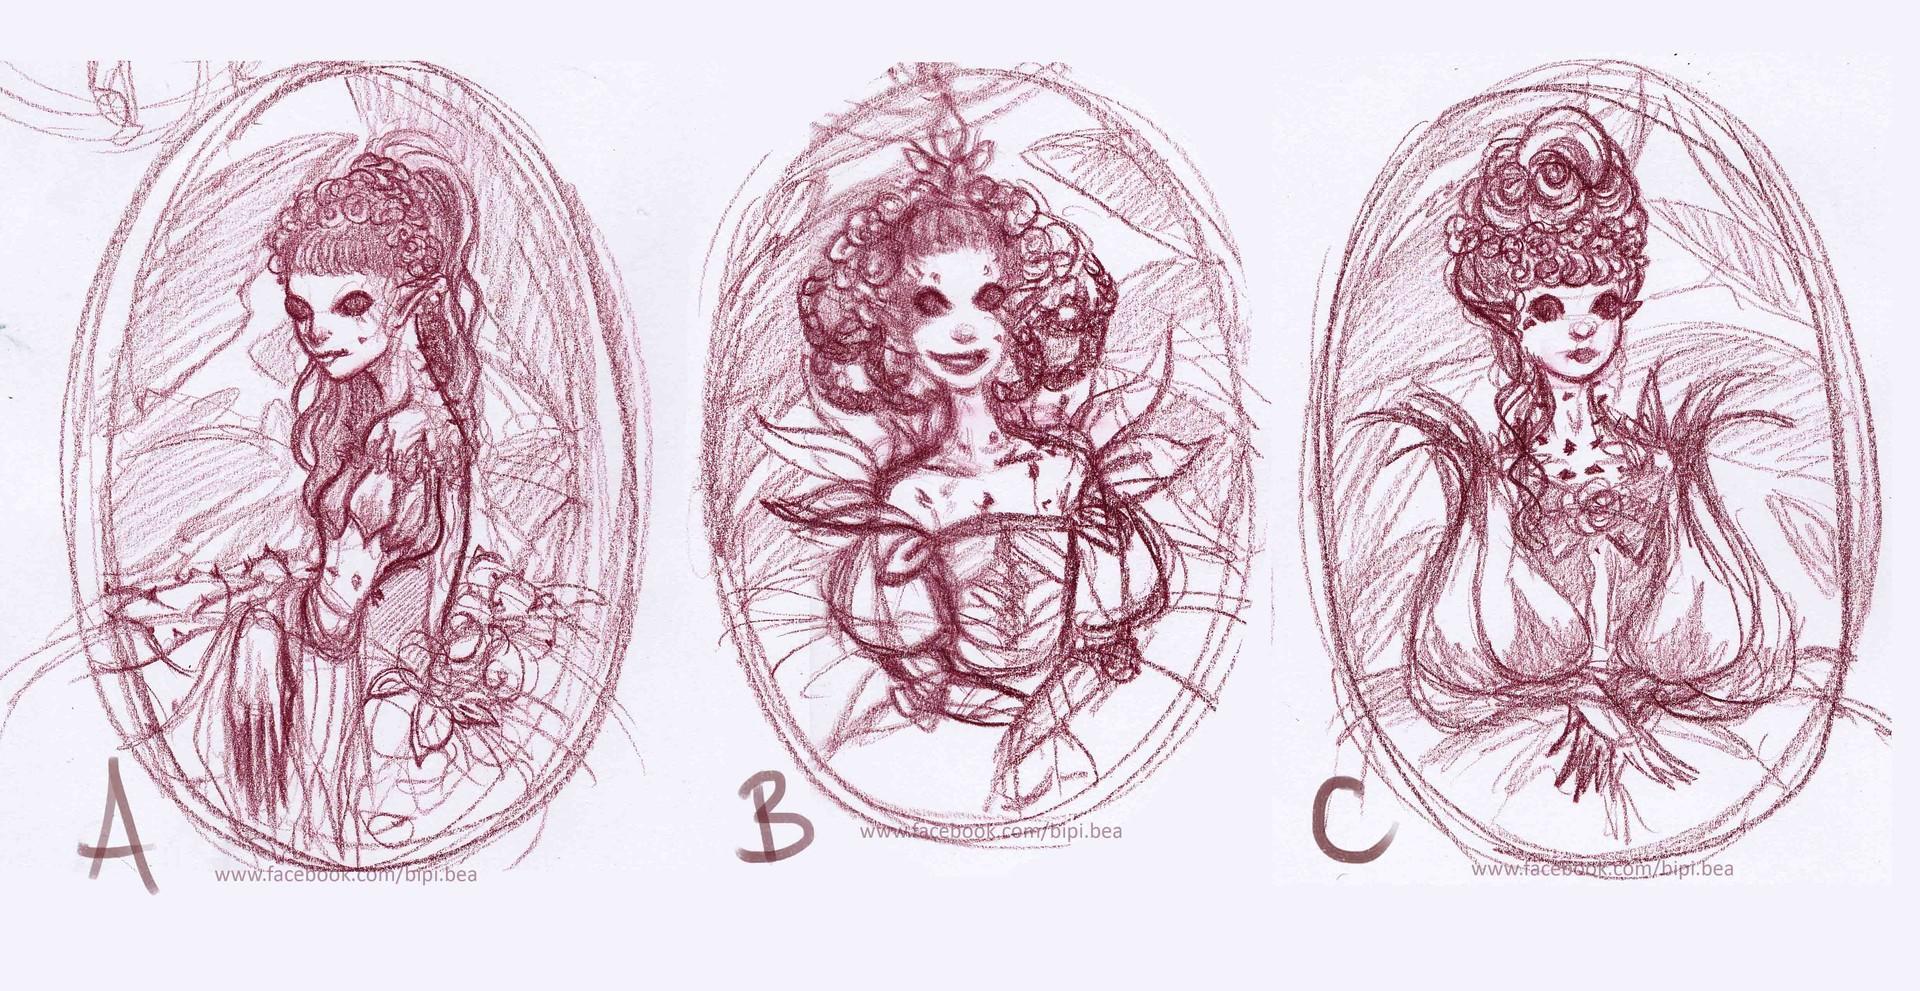 Beatrice pelagatti duchessa di primavera sketches lr